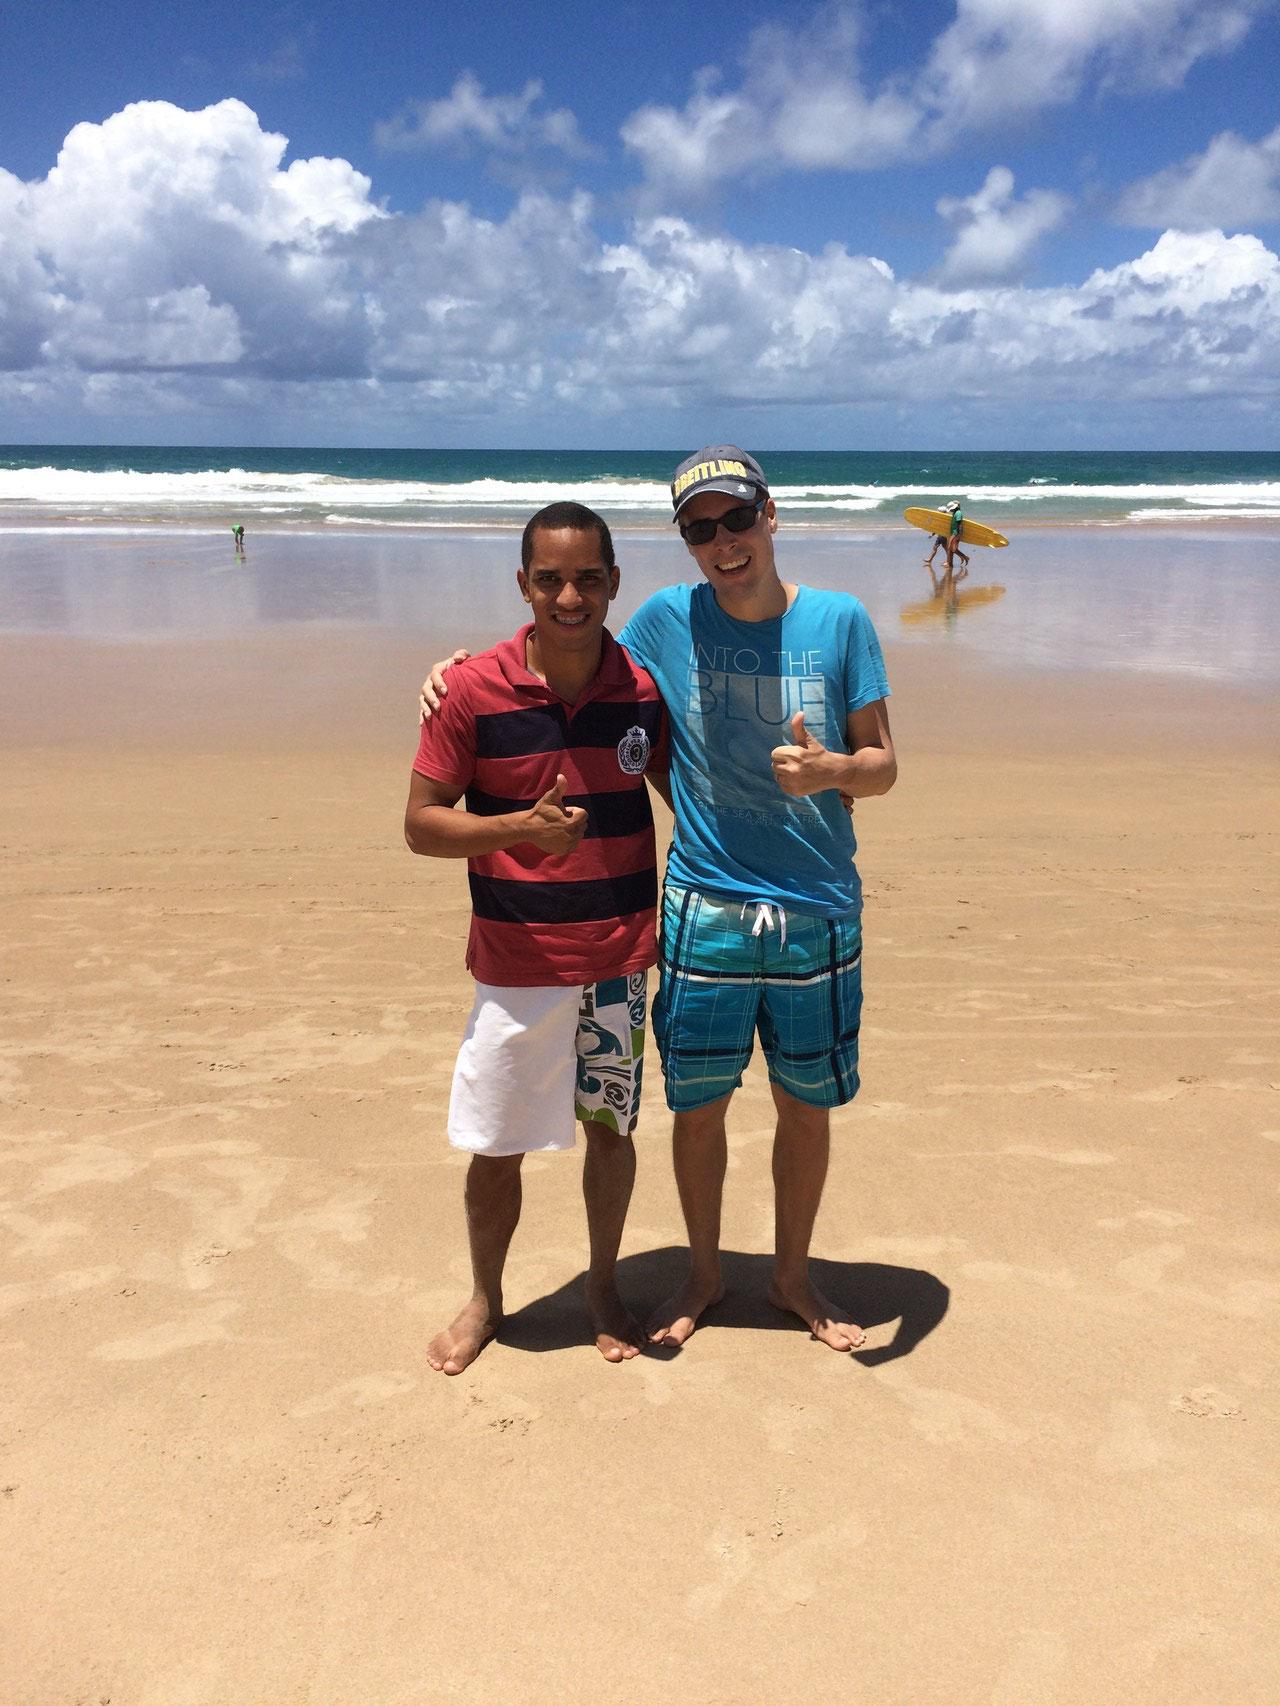 Ausflug ans Meer mit dem Studenten David aus Brasilien